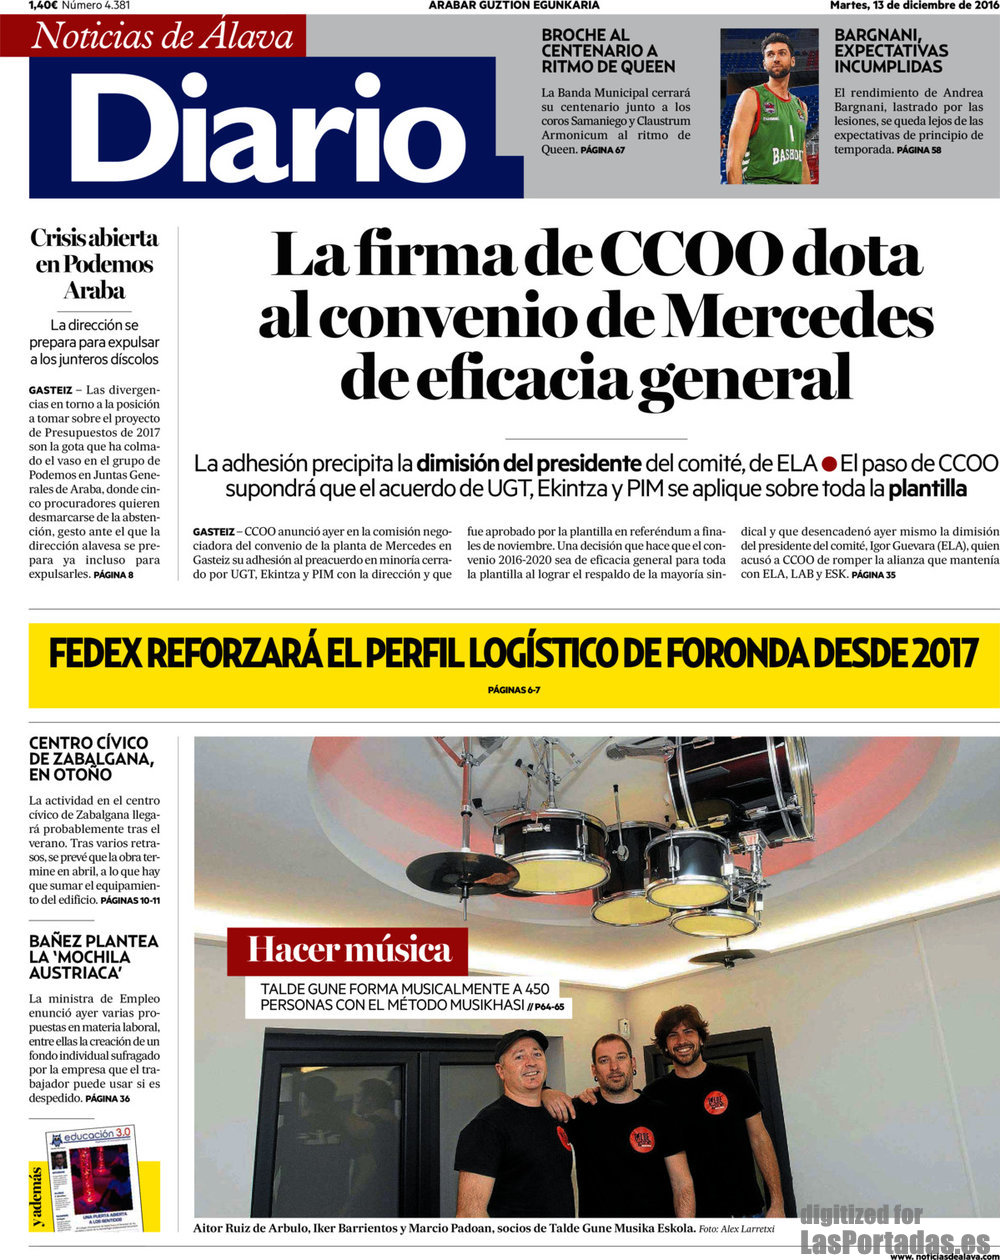 Periodico Diario de Noticias de Álava - 13/12/2016